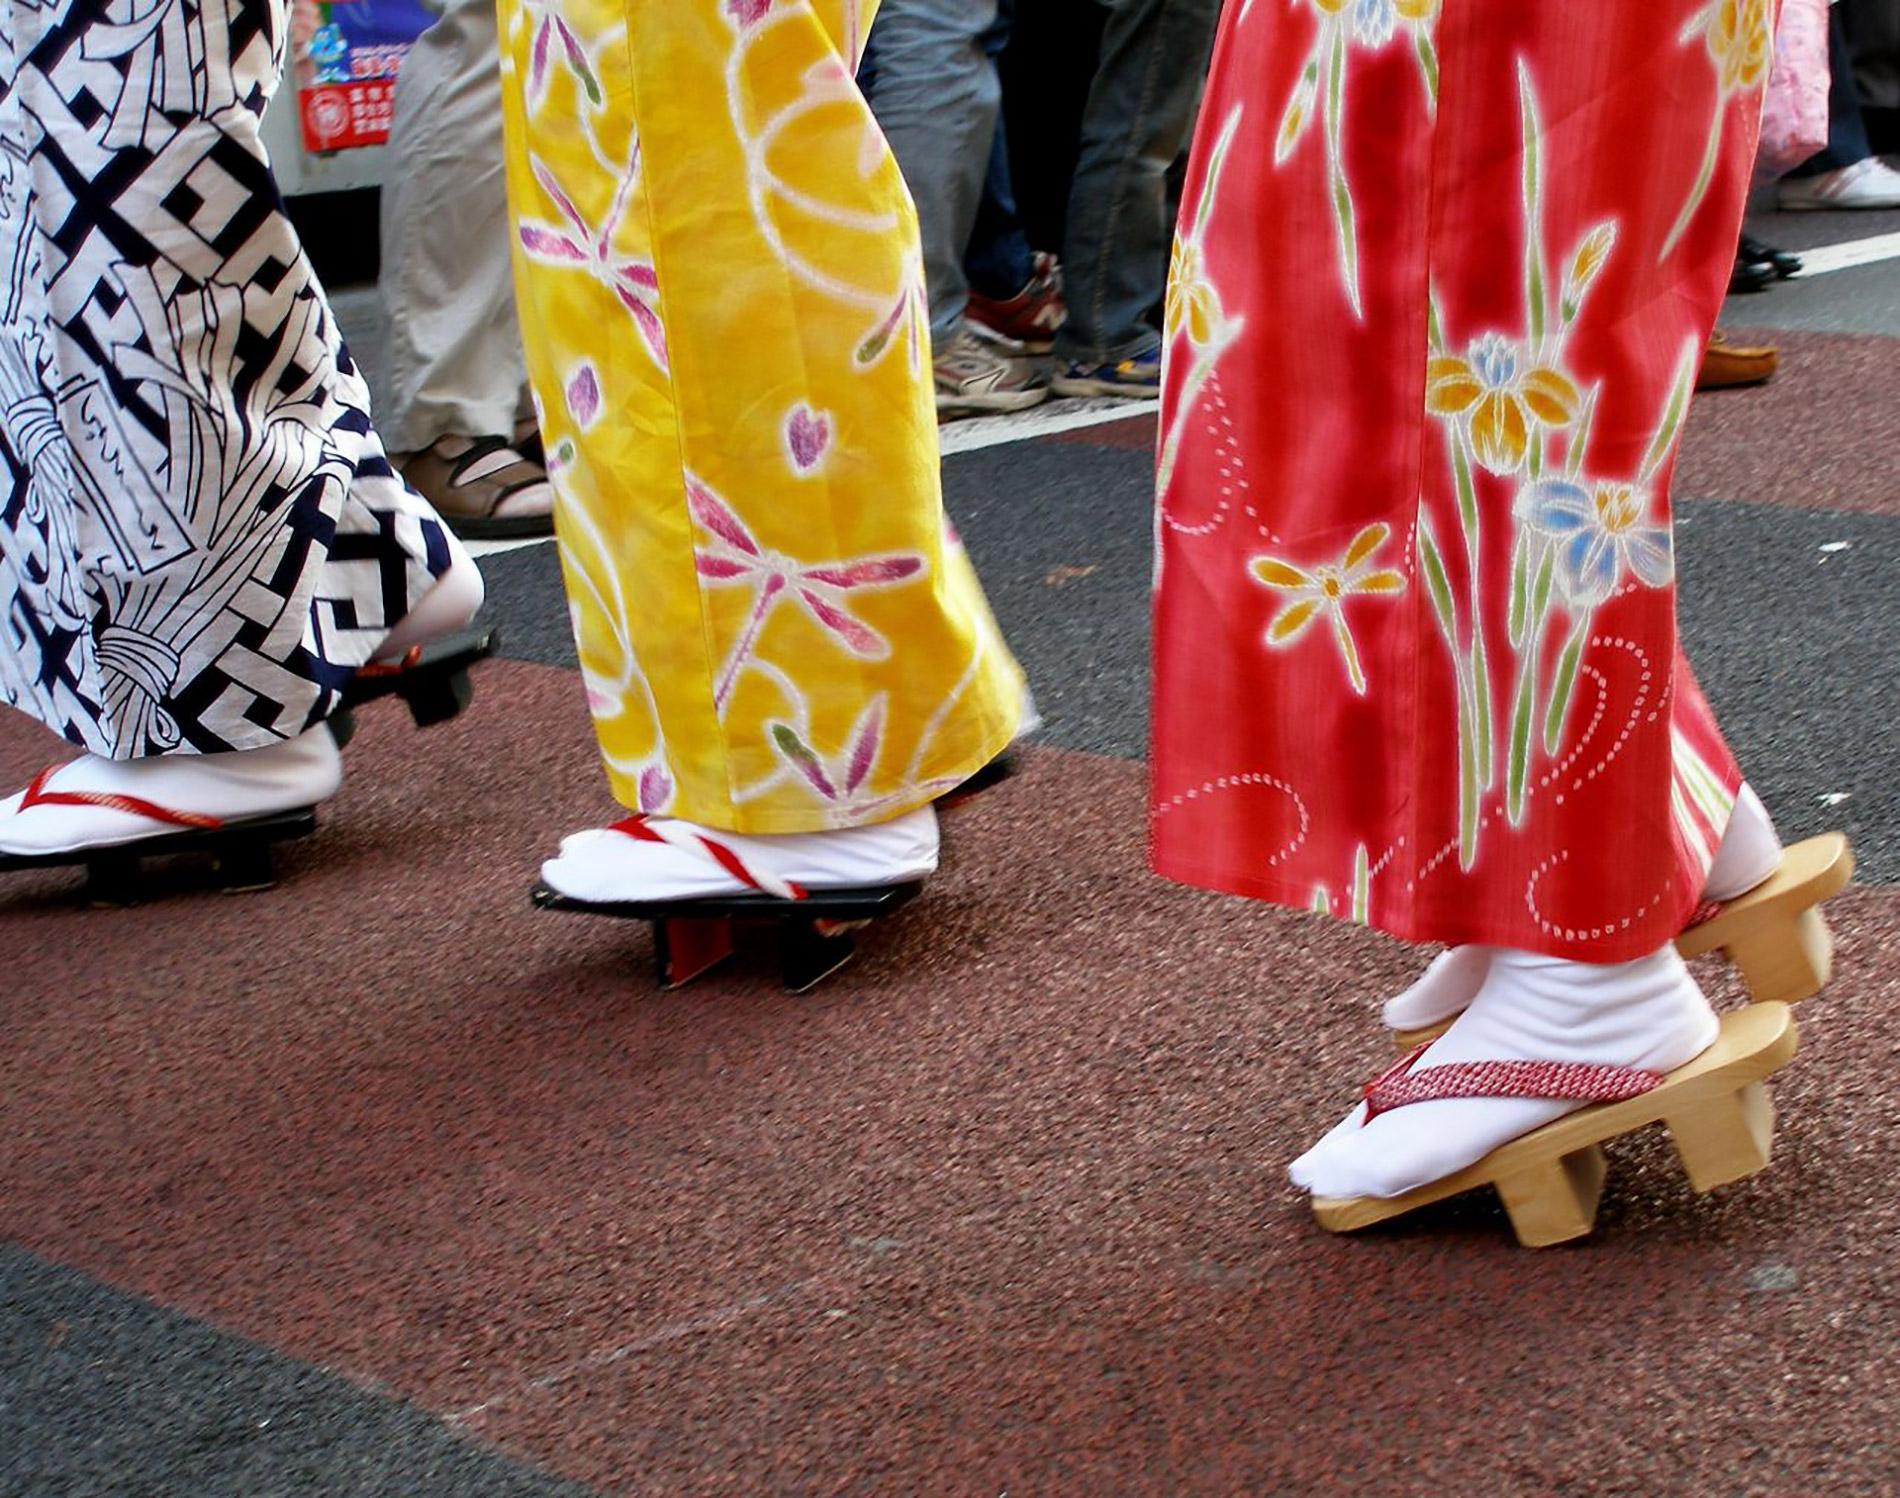 Beim awaodori Tanz tragen die Tänzerinnen zum yukata traditionelle geta Holzsandalen. ()Foto: tanakawho auf Flickr https://www.flickr.com/photos/28481088@N00/287536256 CC BY 2.0)